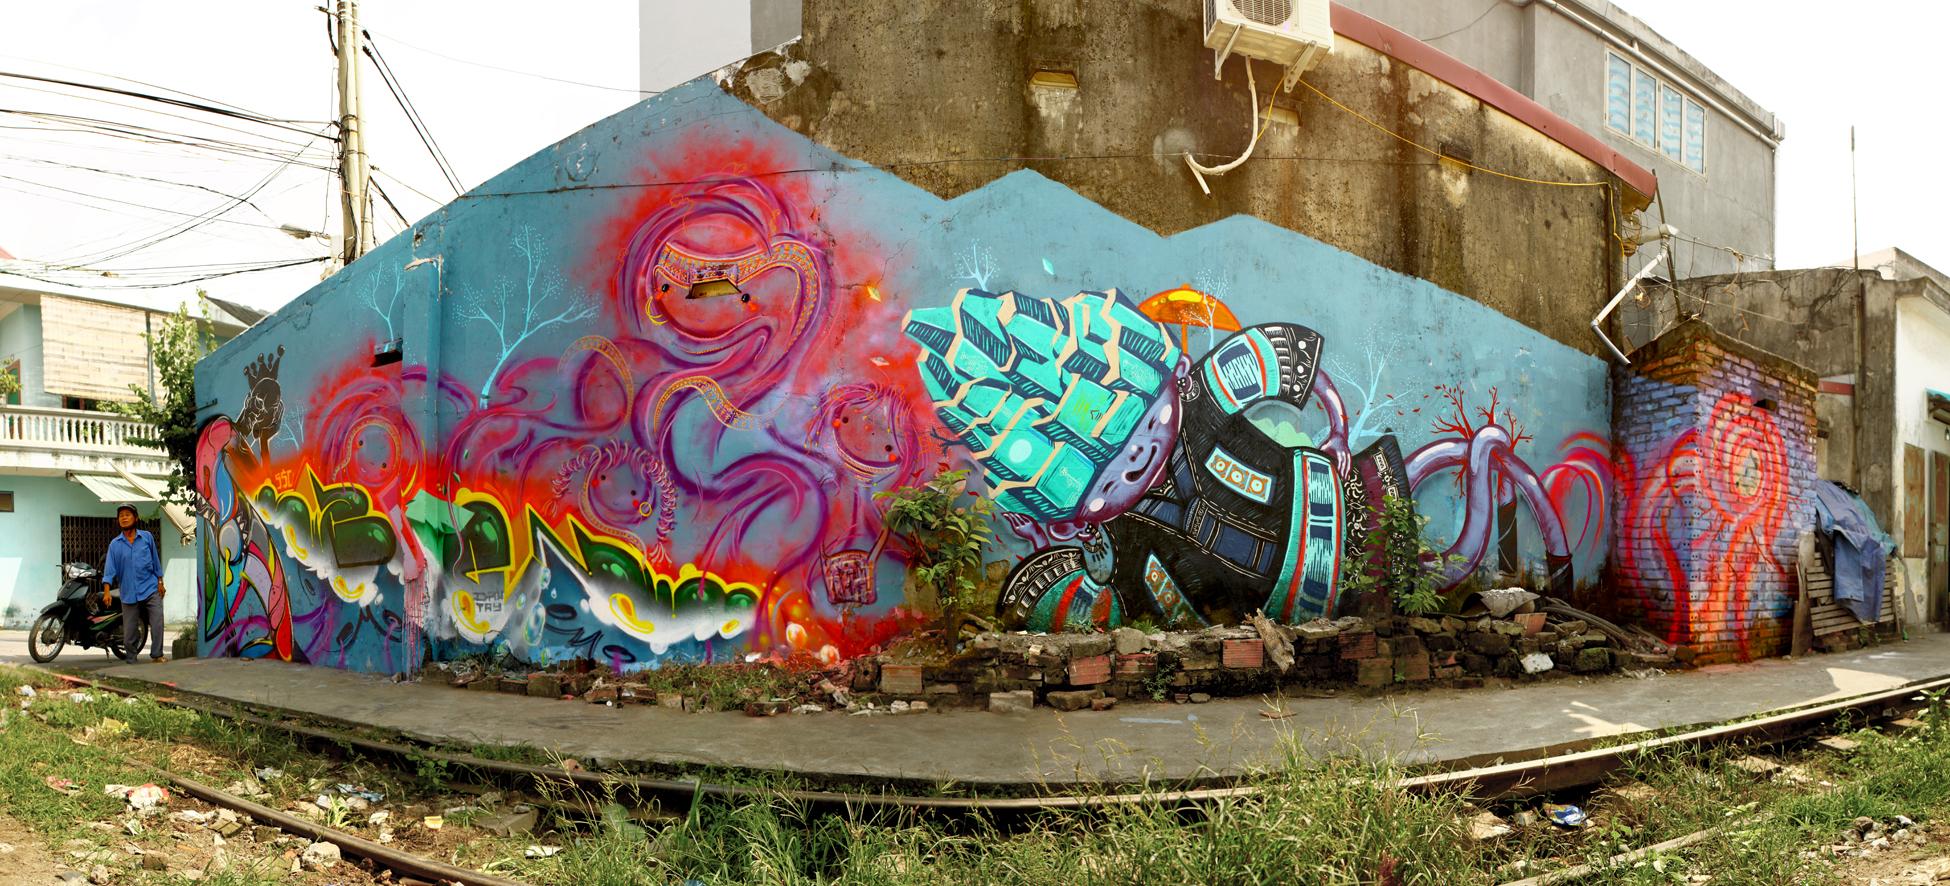 Street Art Tour in Vietnam by Liar Ben & Sautel Cago